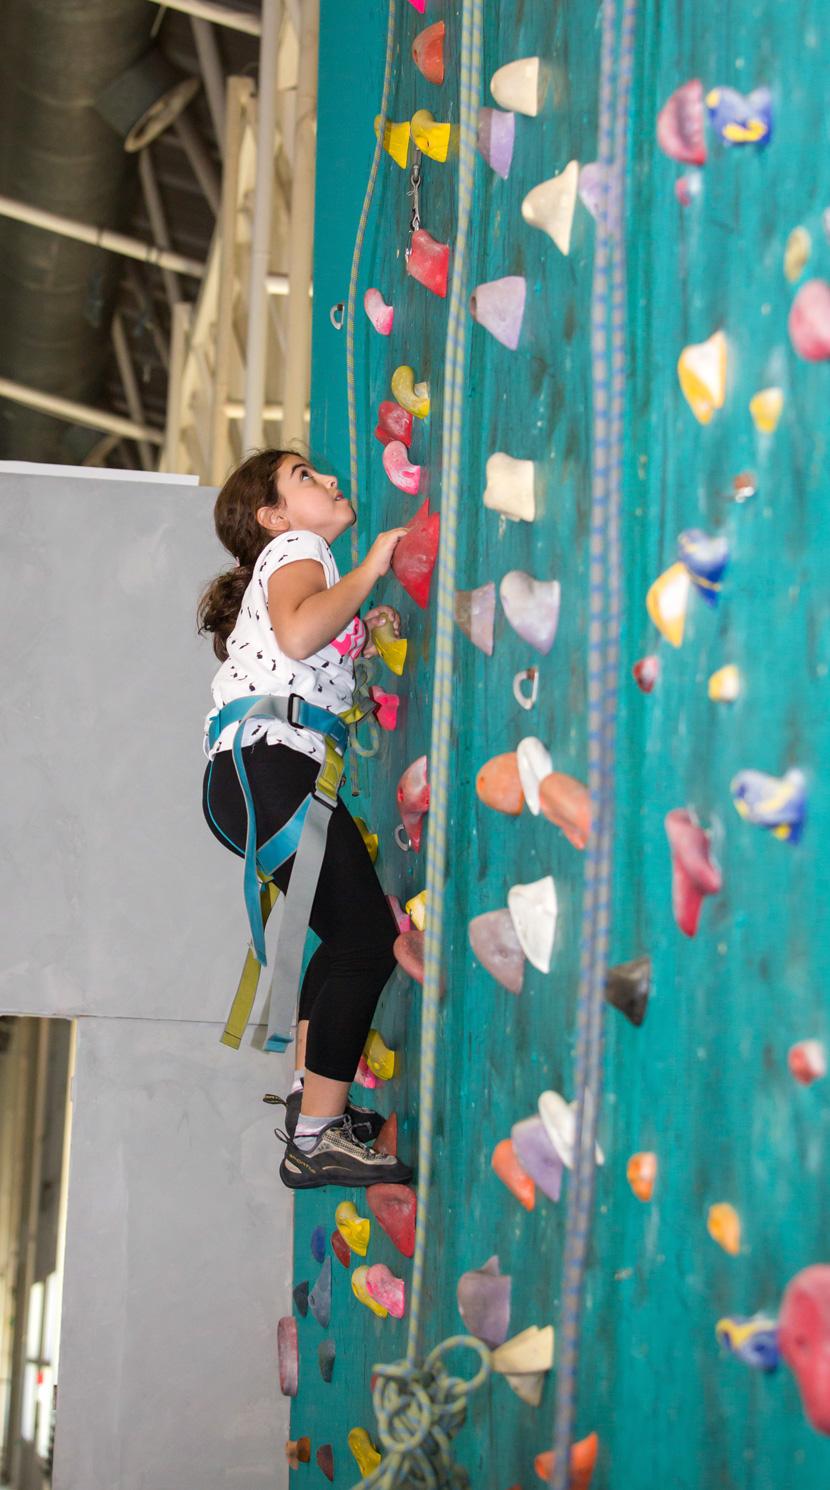 oaka_indoor_climbing6